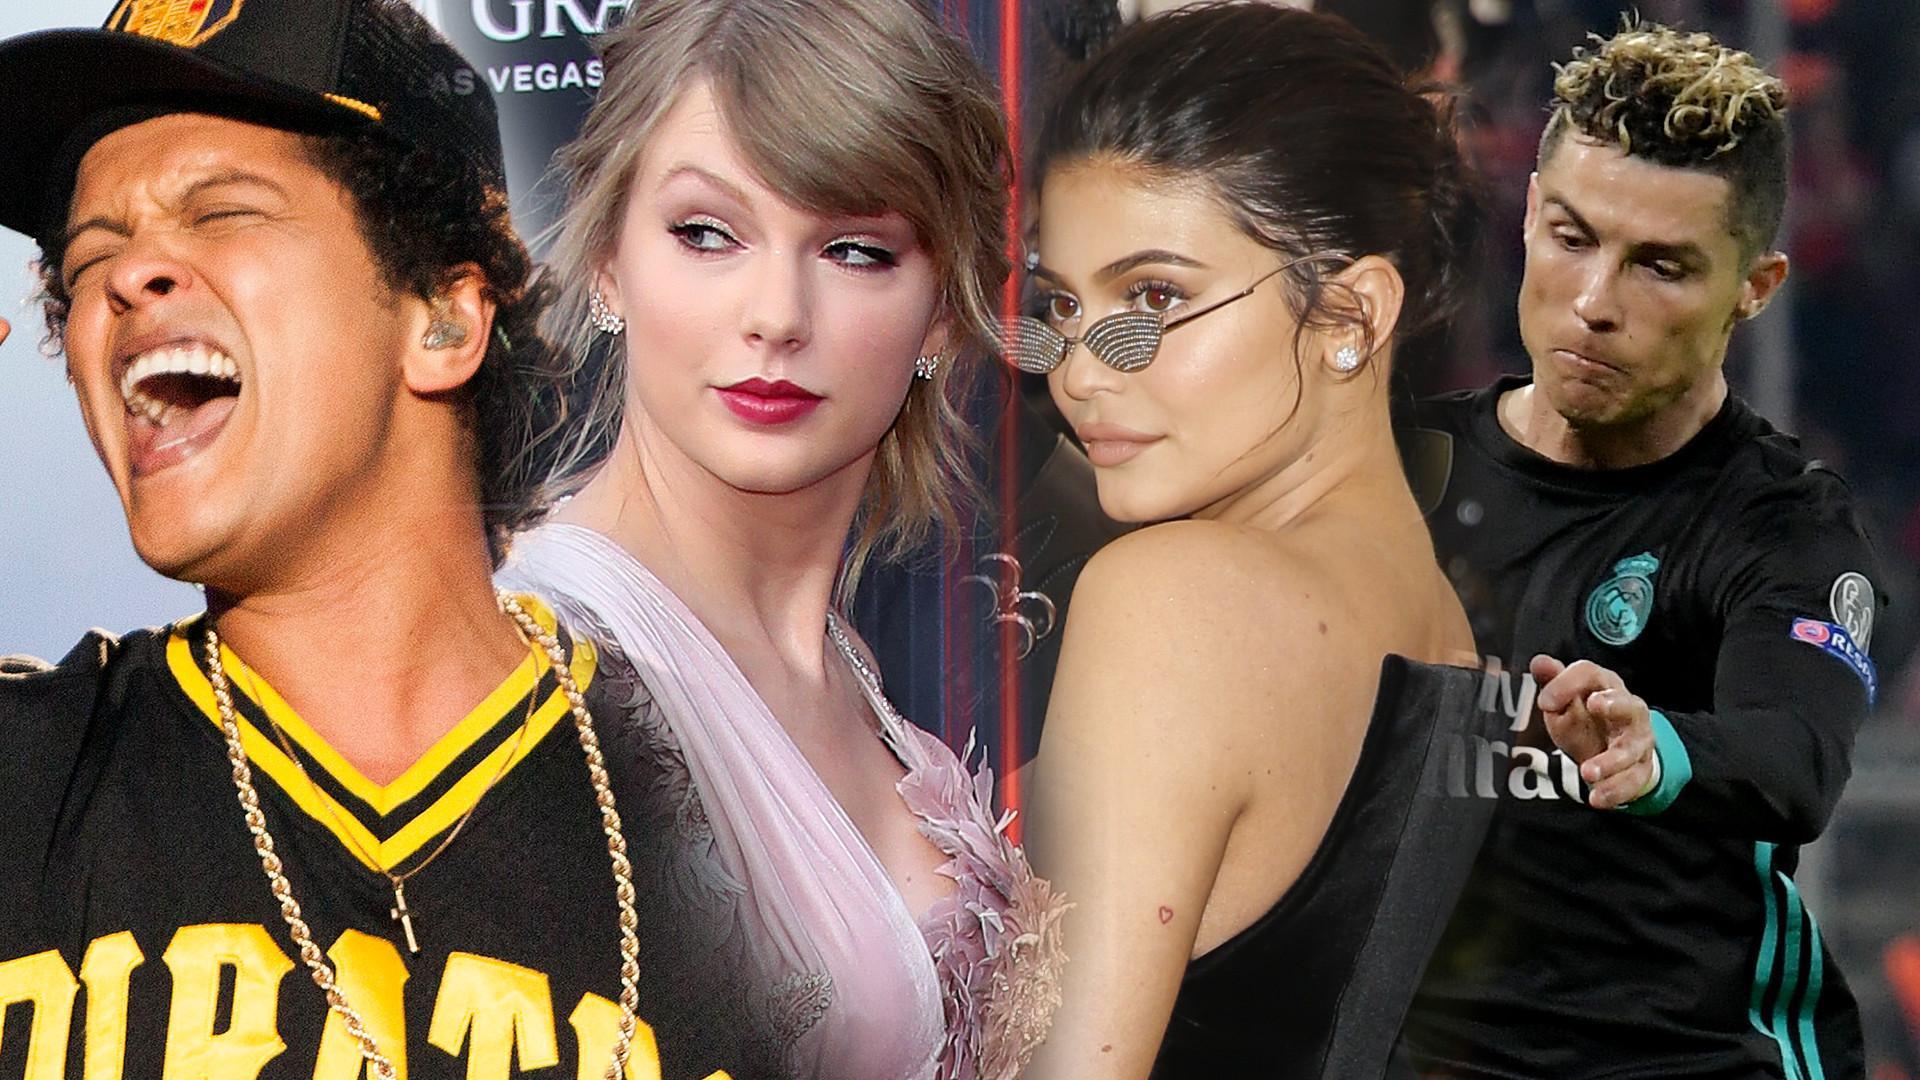 Oto NAJLEPIEJ ZARABIAJĄCY celebryci w 2018 roku według FORBESA